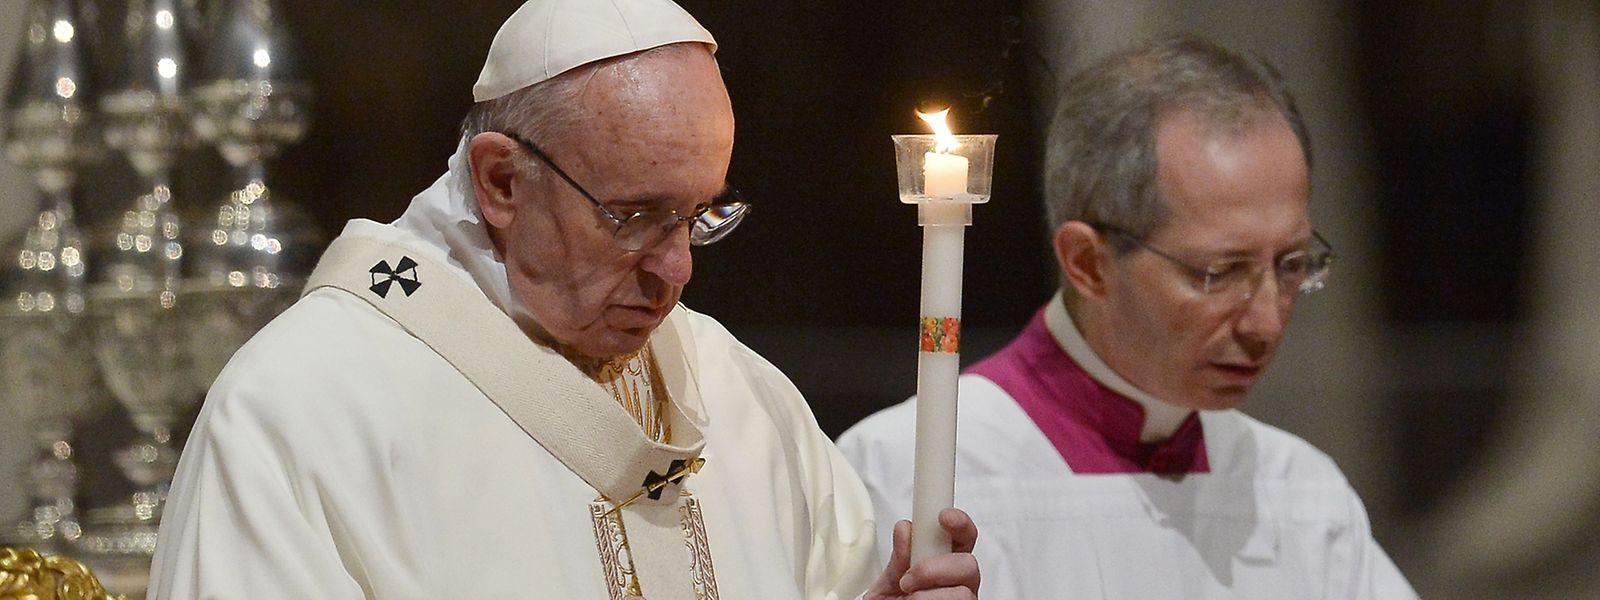 Die Kinderschutzkommission wurde im März 2014 von Papst Franziskus ins Leben gerufen; sie knüpft an Maßnahmen seines Vorgängers Benedikt XVI. im Kampf gegen sexuellen Missbrauch an.